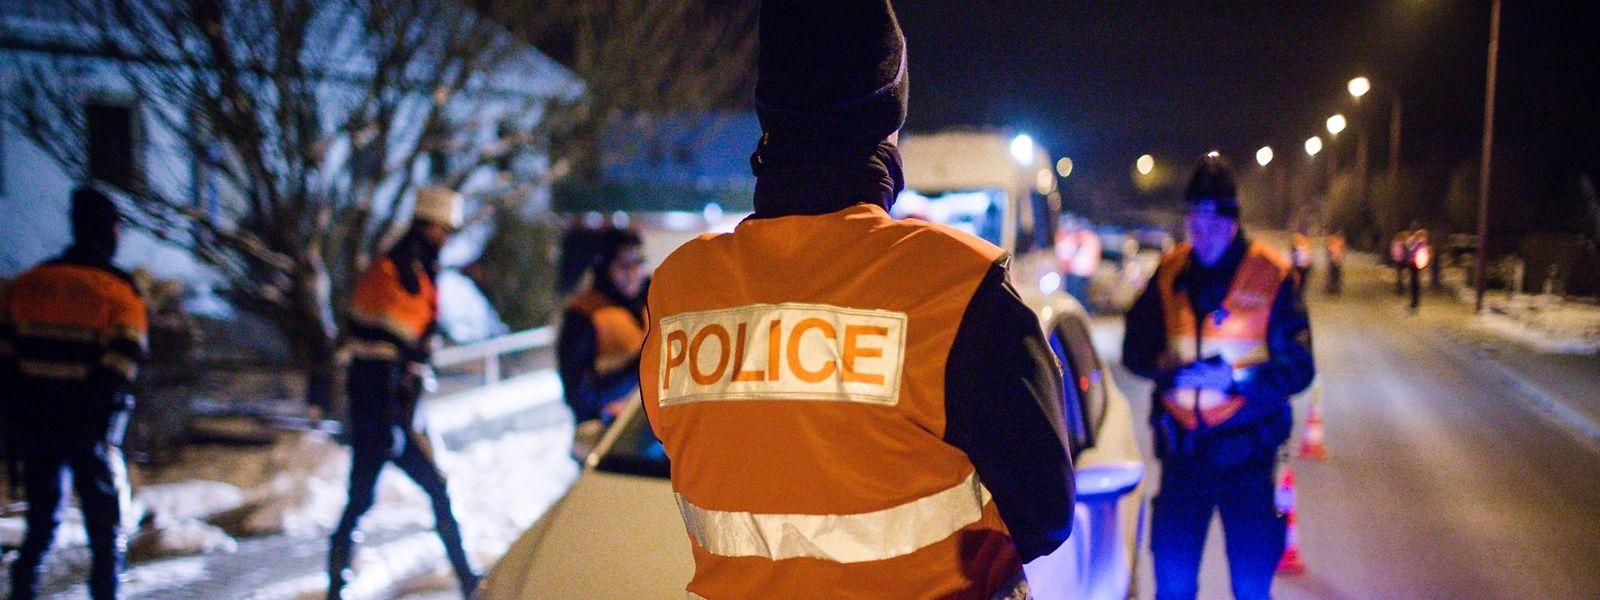 Polizisten unter Druck: Laut Polizeigewerkschaft werden vielen Beamten unter dem Vorwand von Bereitschaftsdiensten regelmäßige Doppelschichten aufgezwungen. Die Polizei verstoße in Personalfragen in vielerlei Hinsicht gegen das Gesetz.